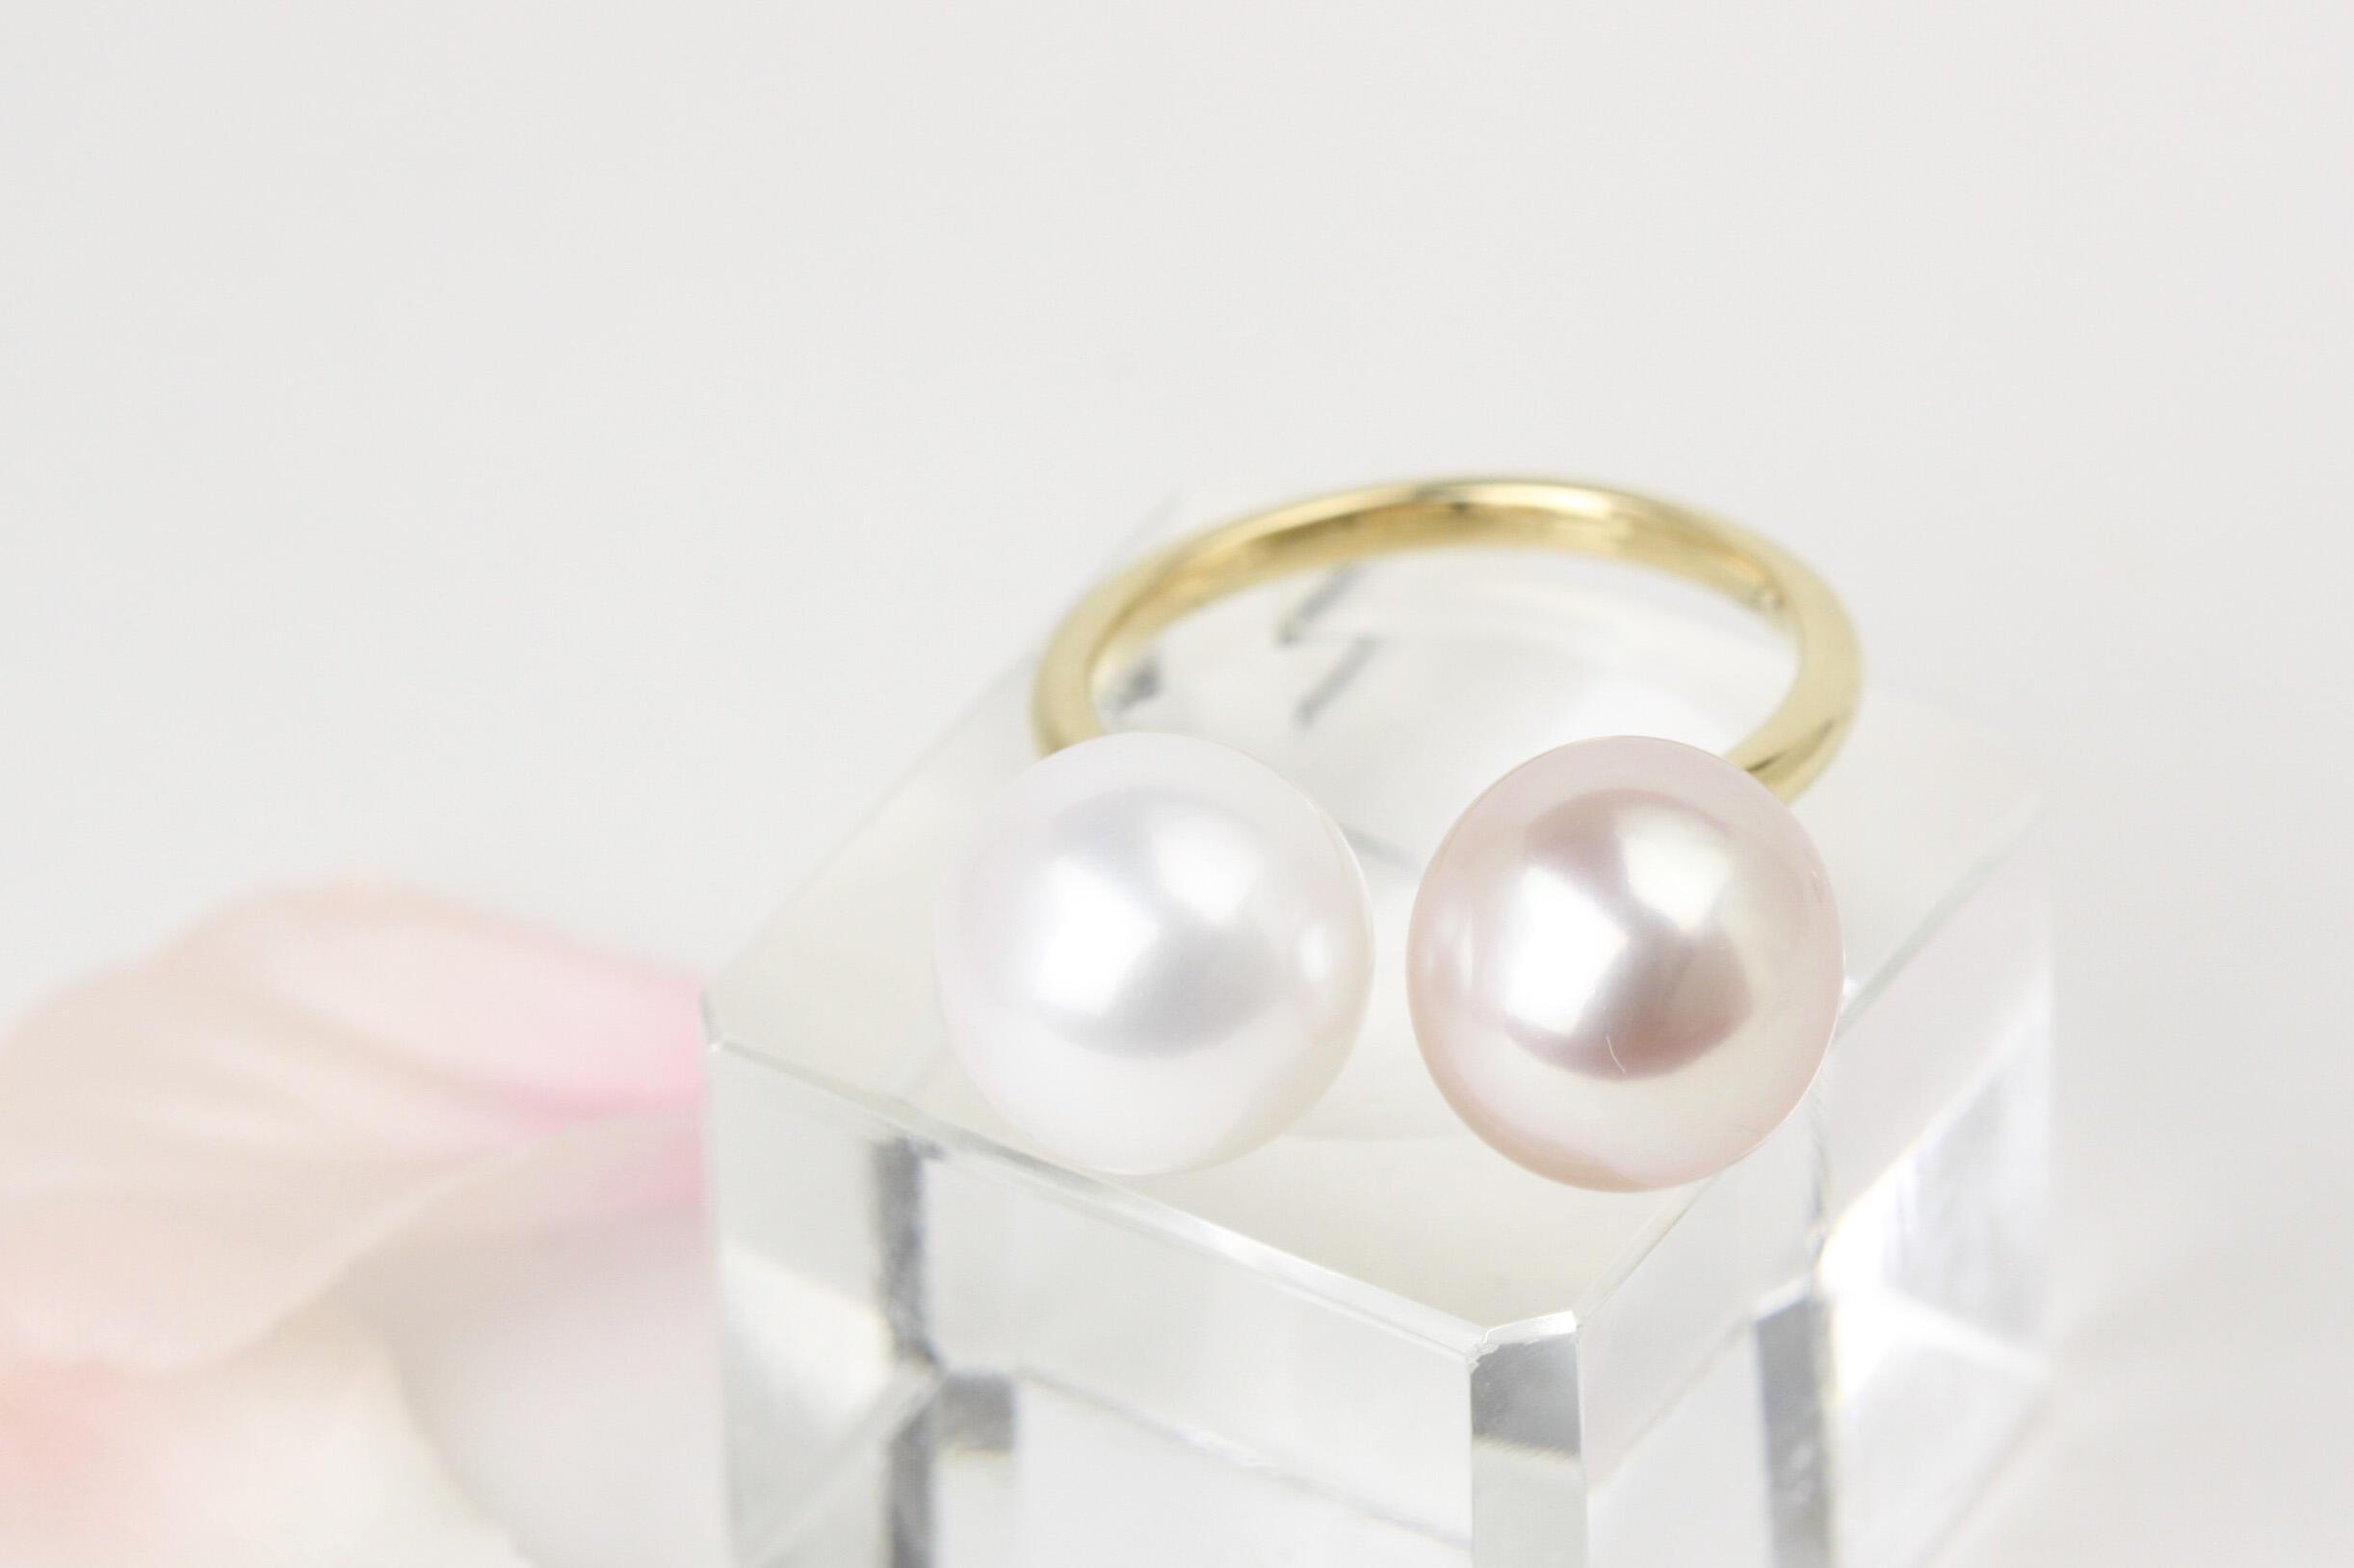 ほんのりピンクとパープルカラーの湖水真珠のフォークデザインリング